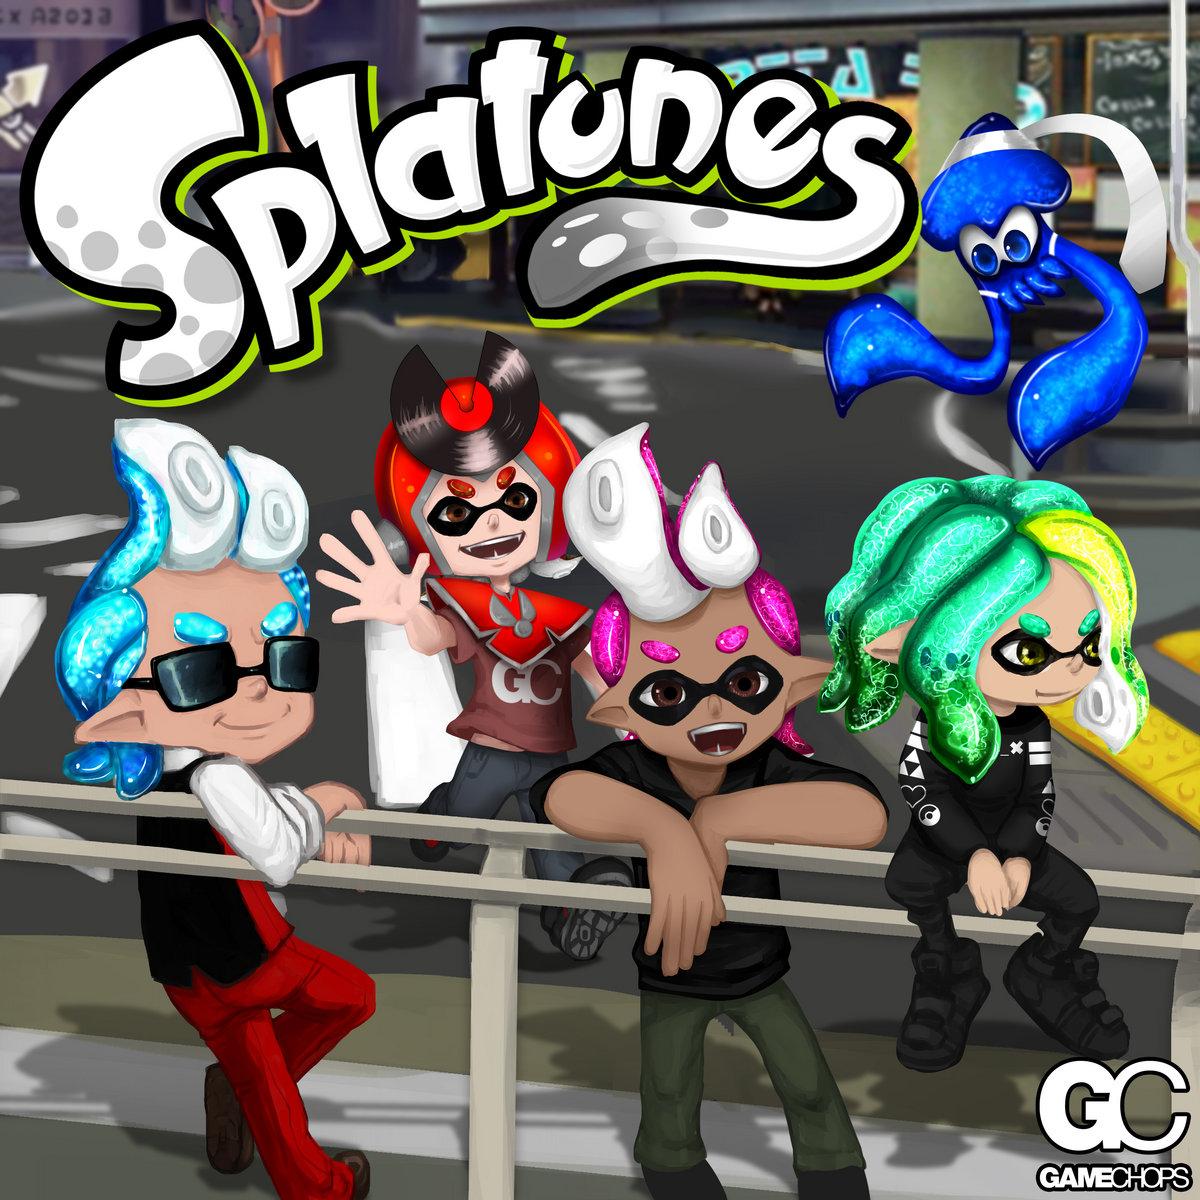 Splatunes! | GameChops